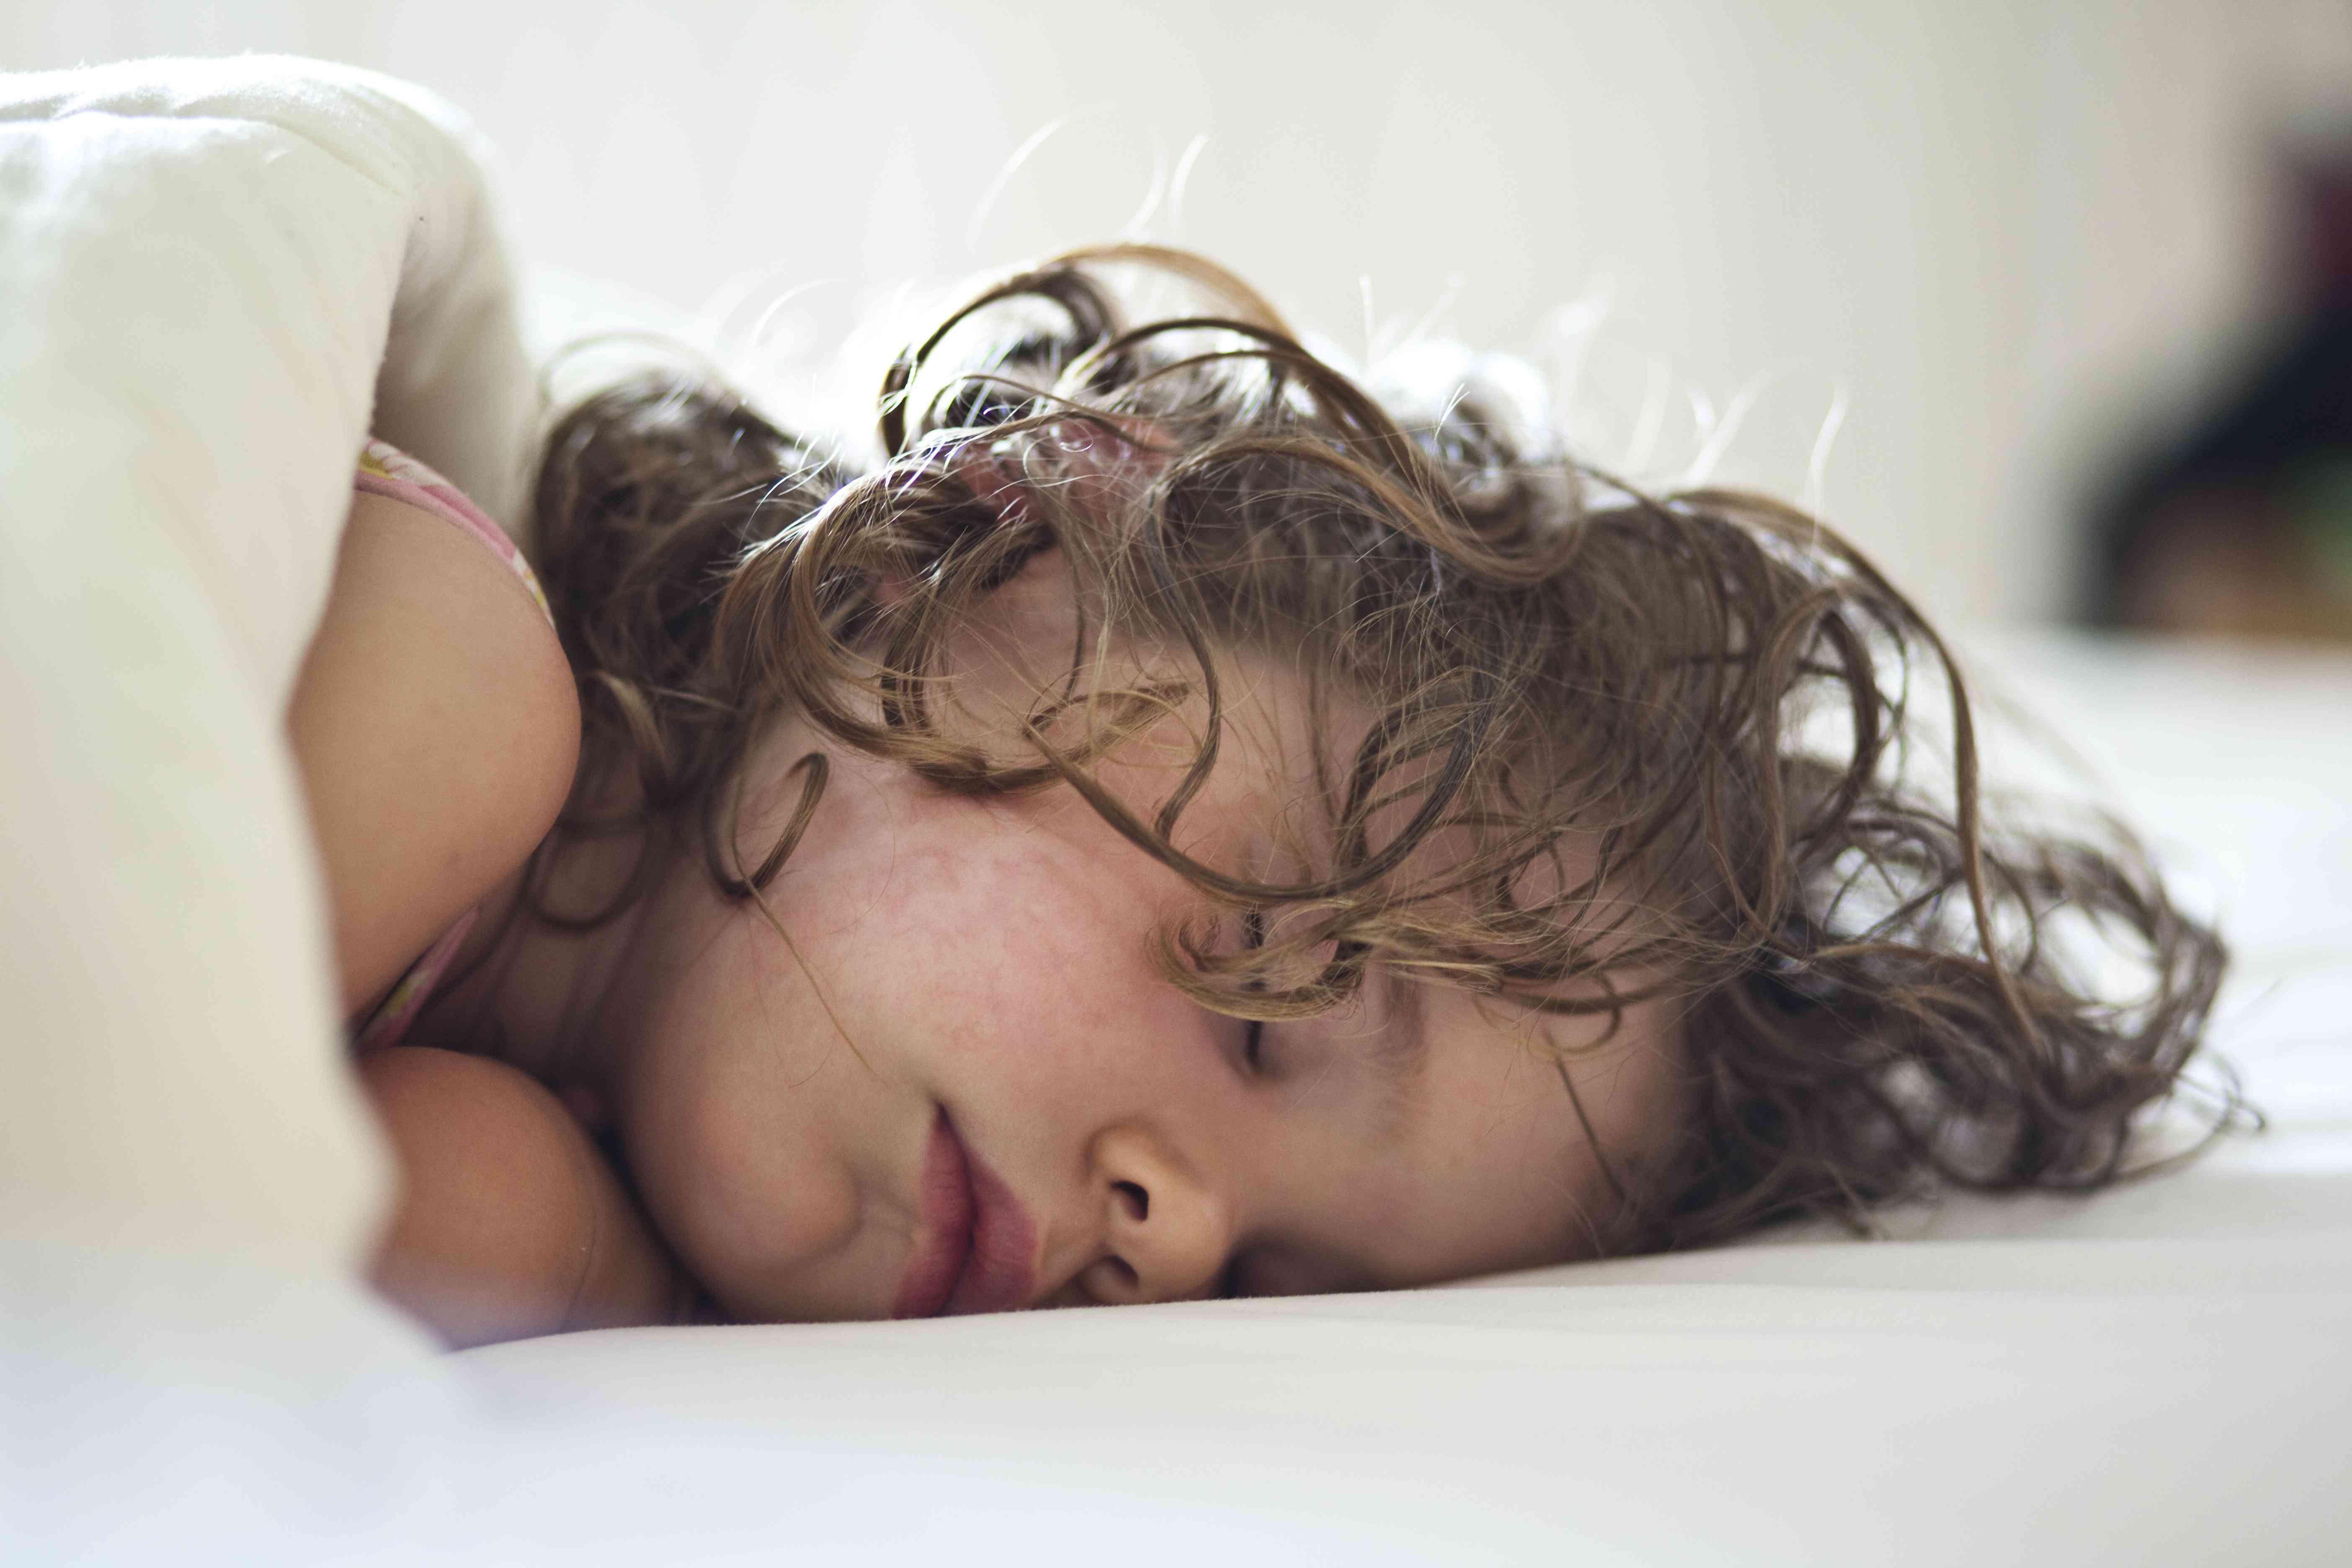 Young girl sleeping